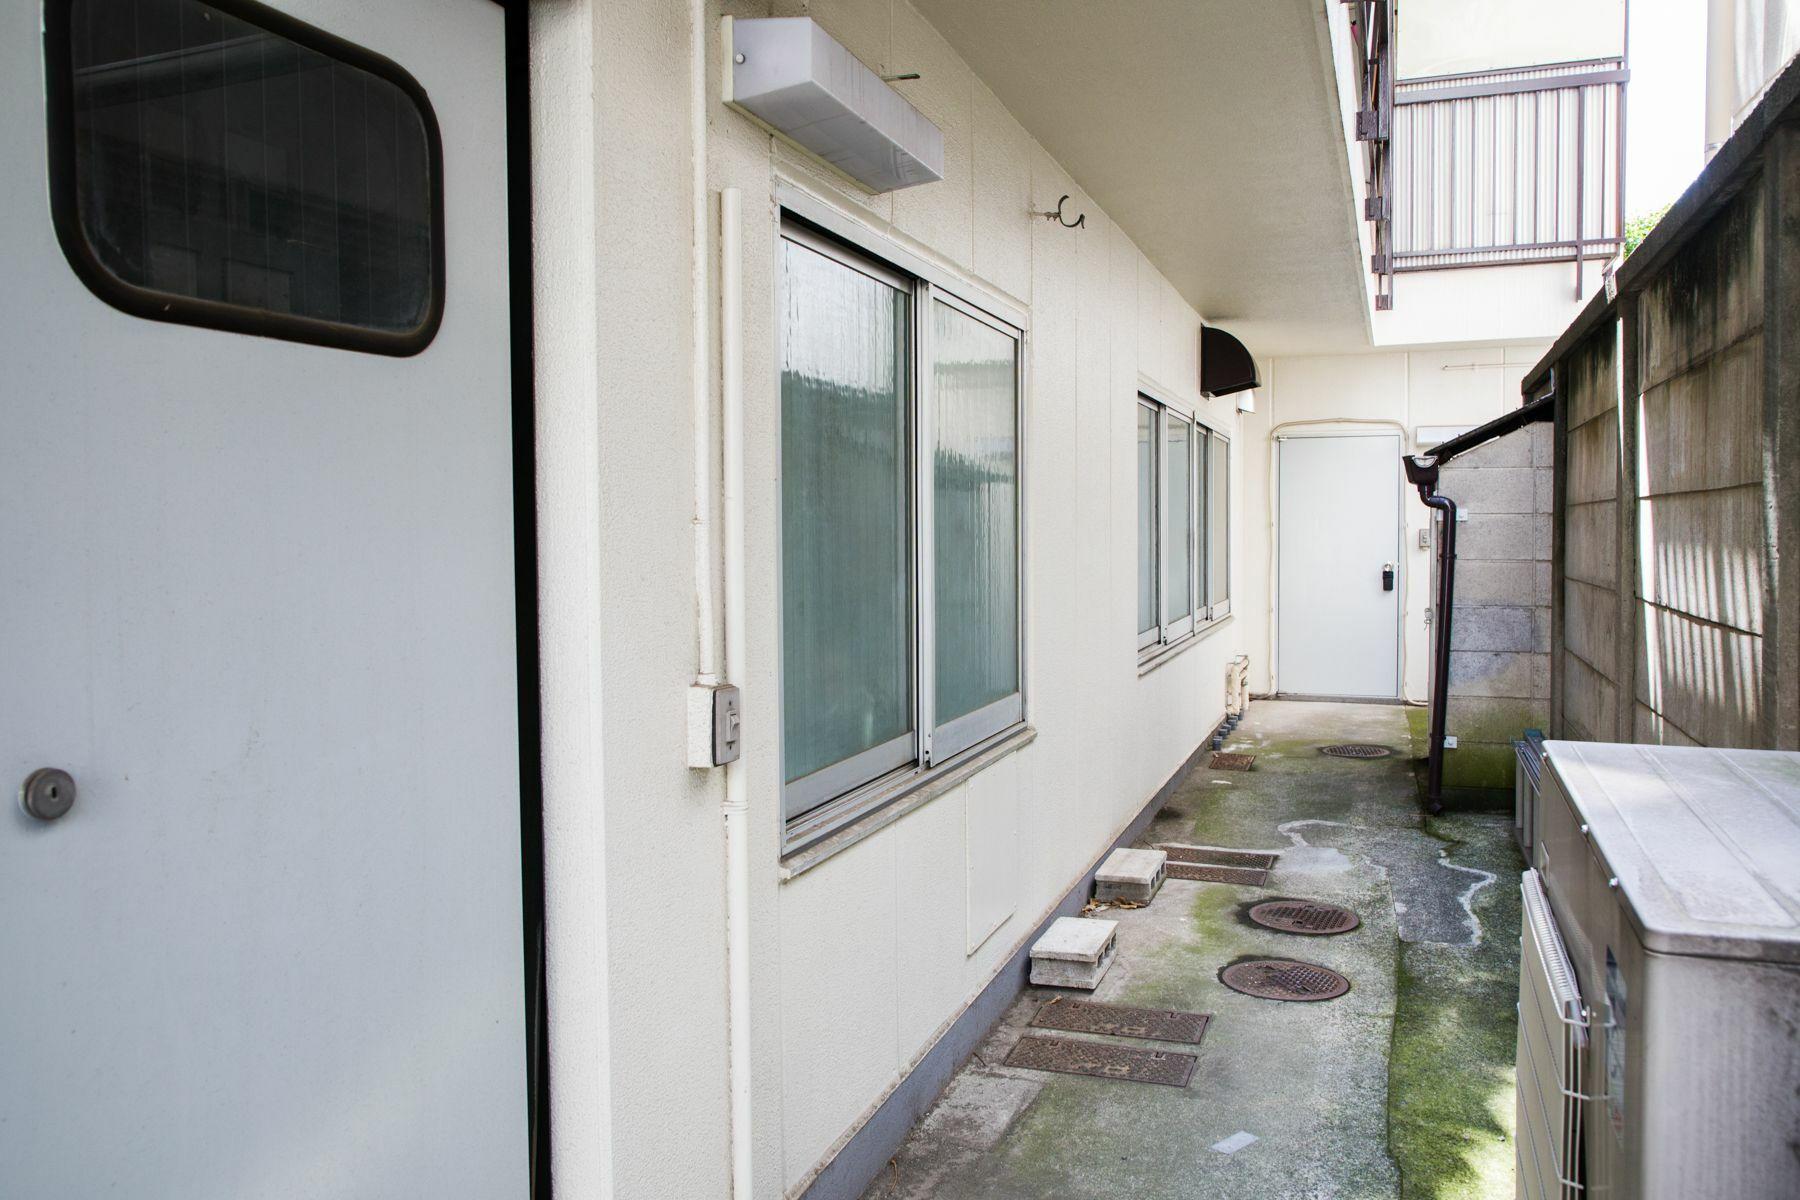 STUDIO iiwi 学芸大学 (スタジオ イーヴィ)駐車場